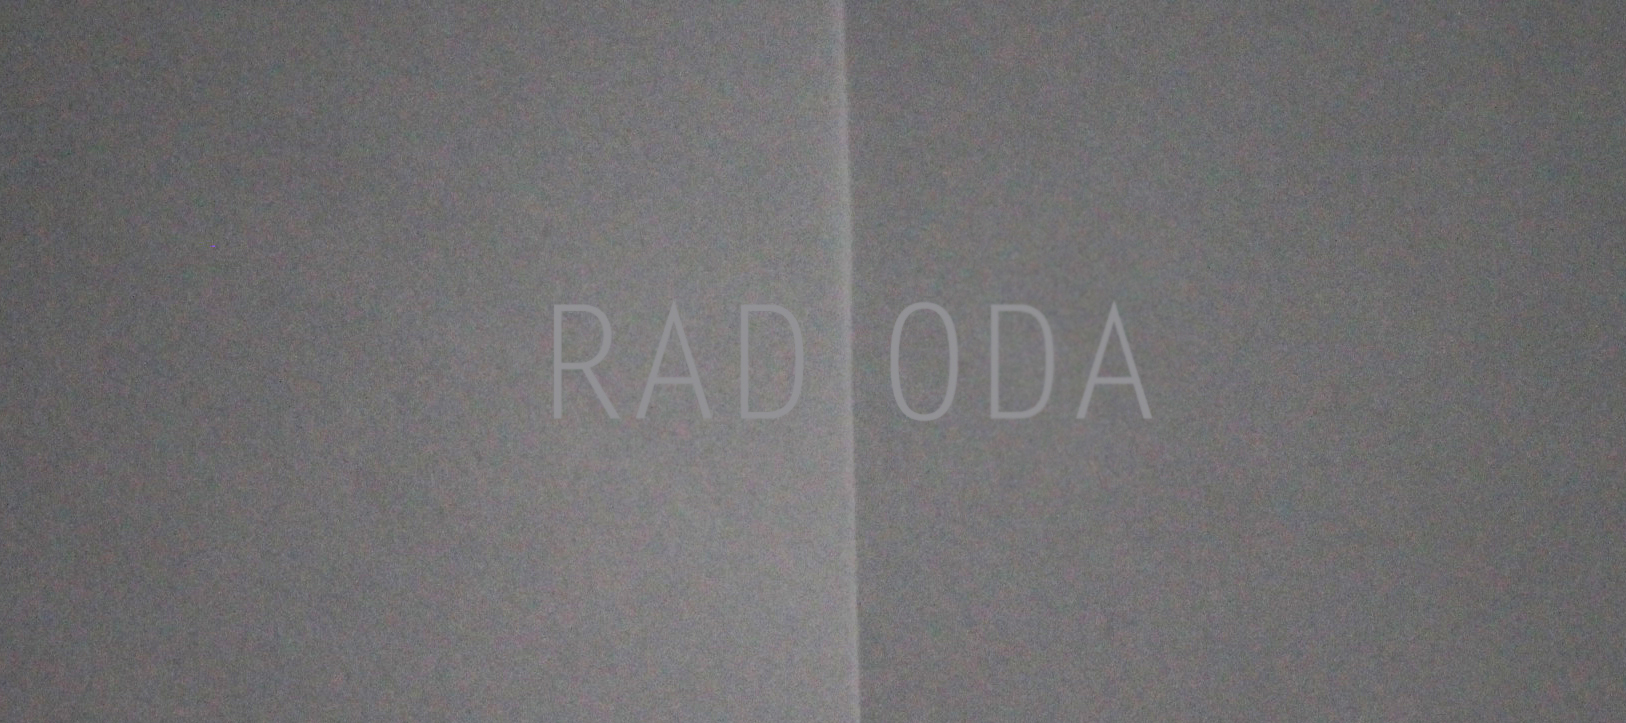 Radioda (Mikołaj Tkacz, Piotr Tkacz)